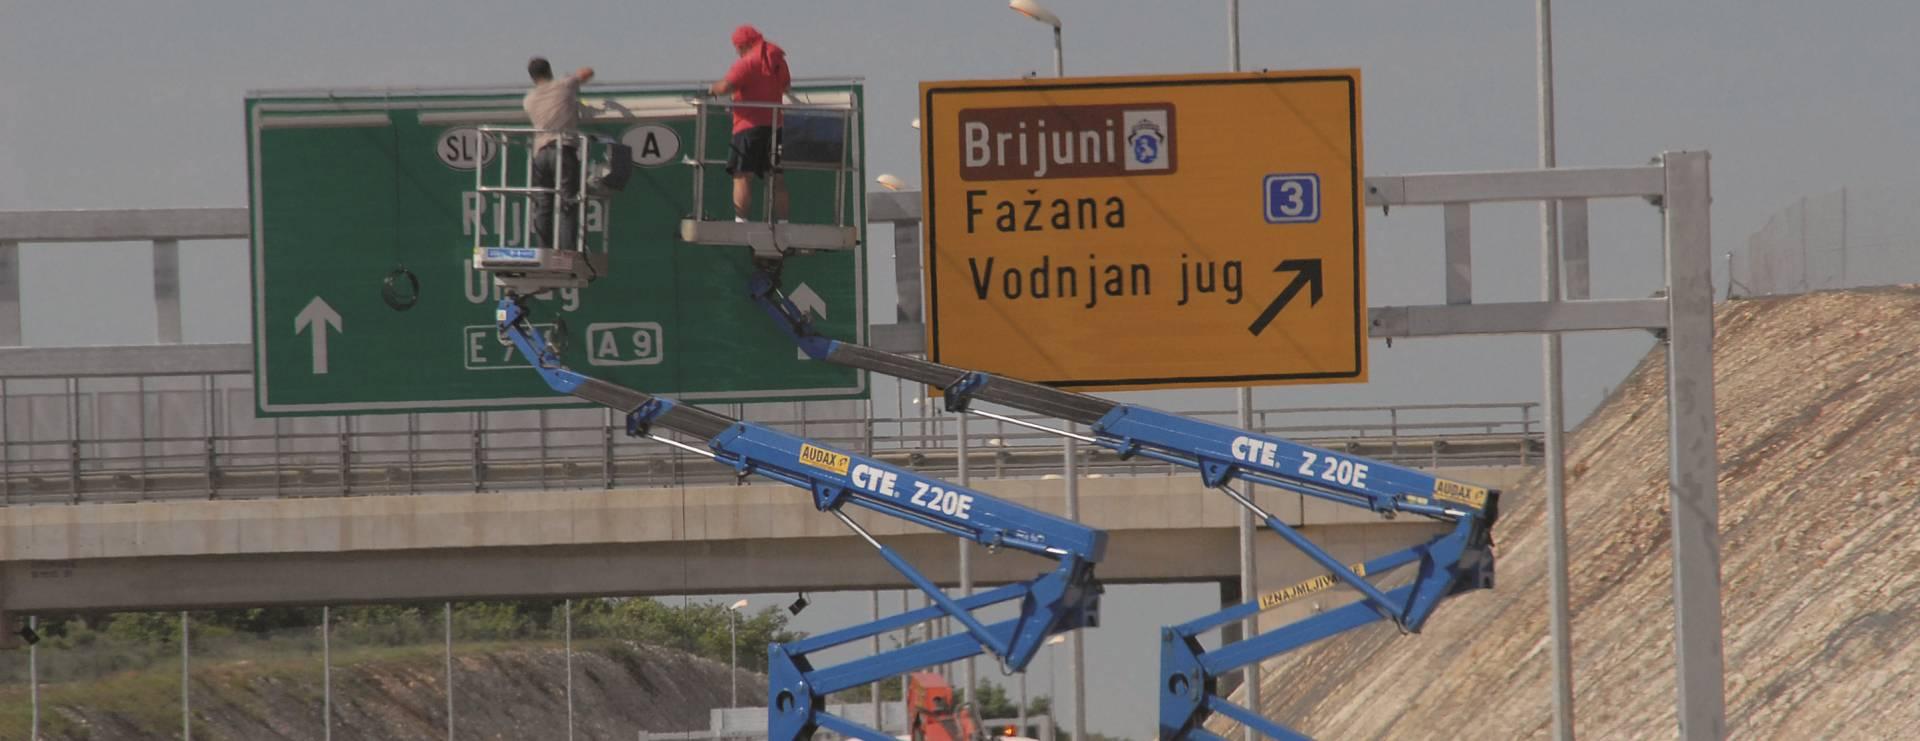 ZBOG NEPLAĆANJA PDV-a NA CESTARINE I SUBVENCIJA Na koncesijama je Hrvatska već izgubila milijardu eura